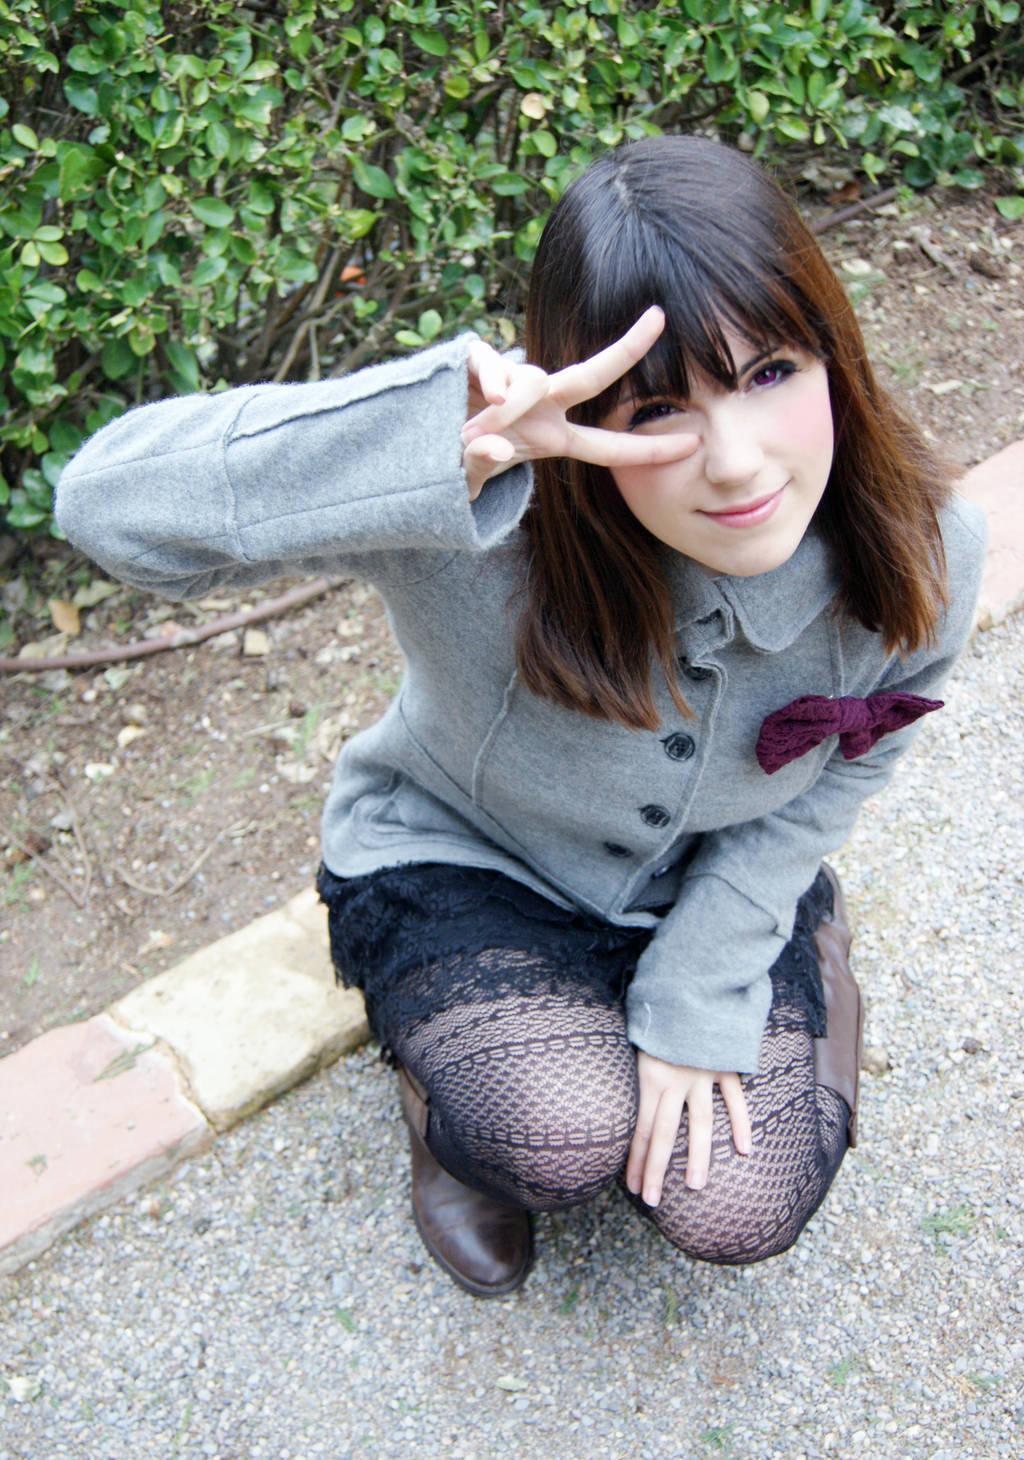 NyanRuki's Profile Picture